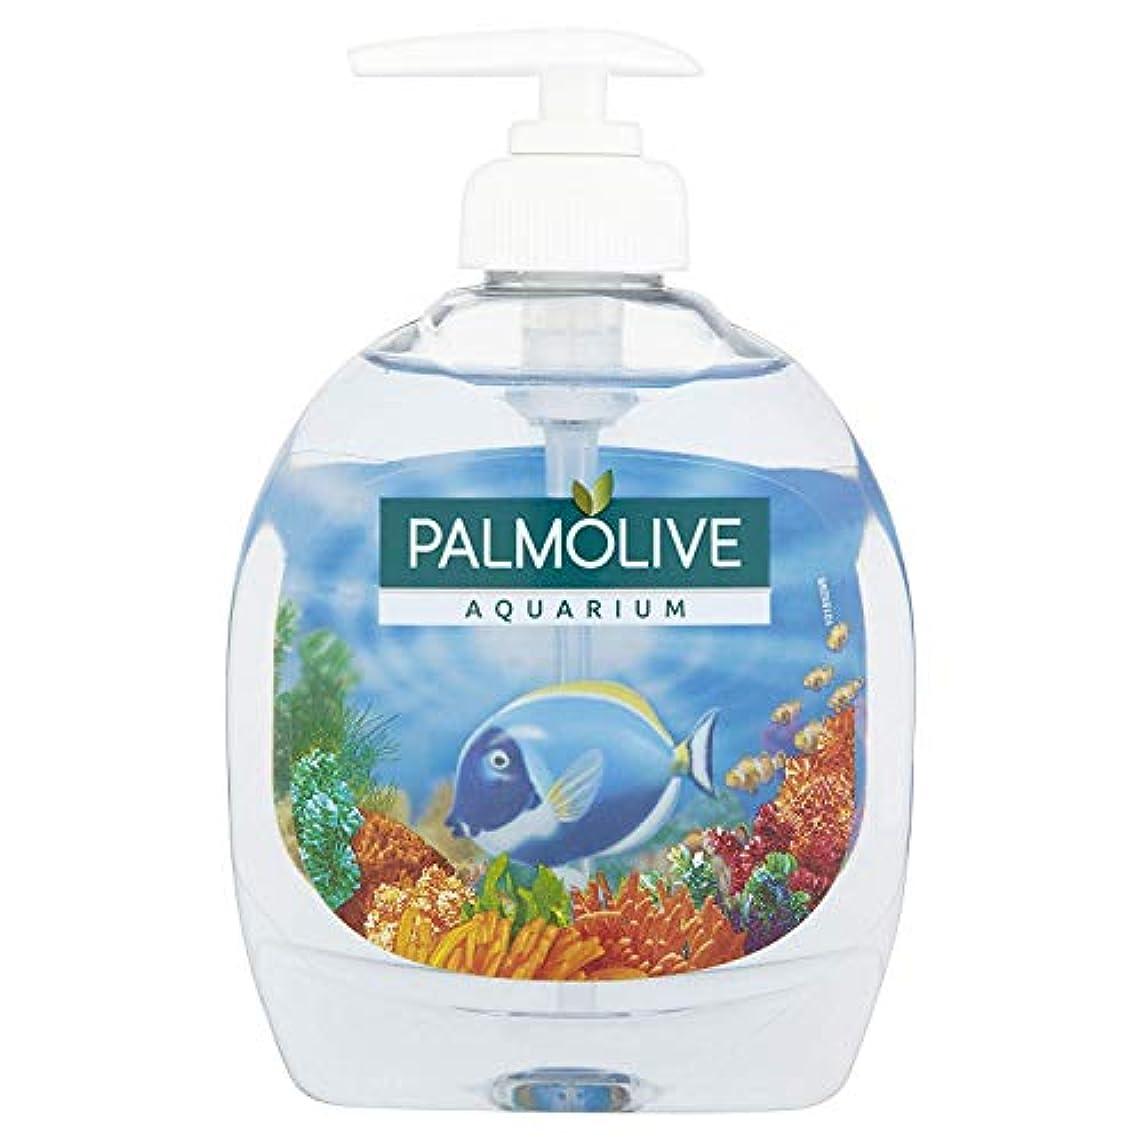 少なくともダーベビルのテス装備するPalmolive Aquarium Fl??ssigseife 300 ml